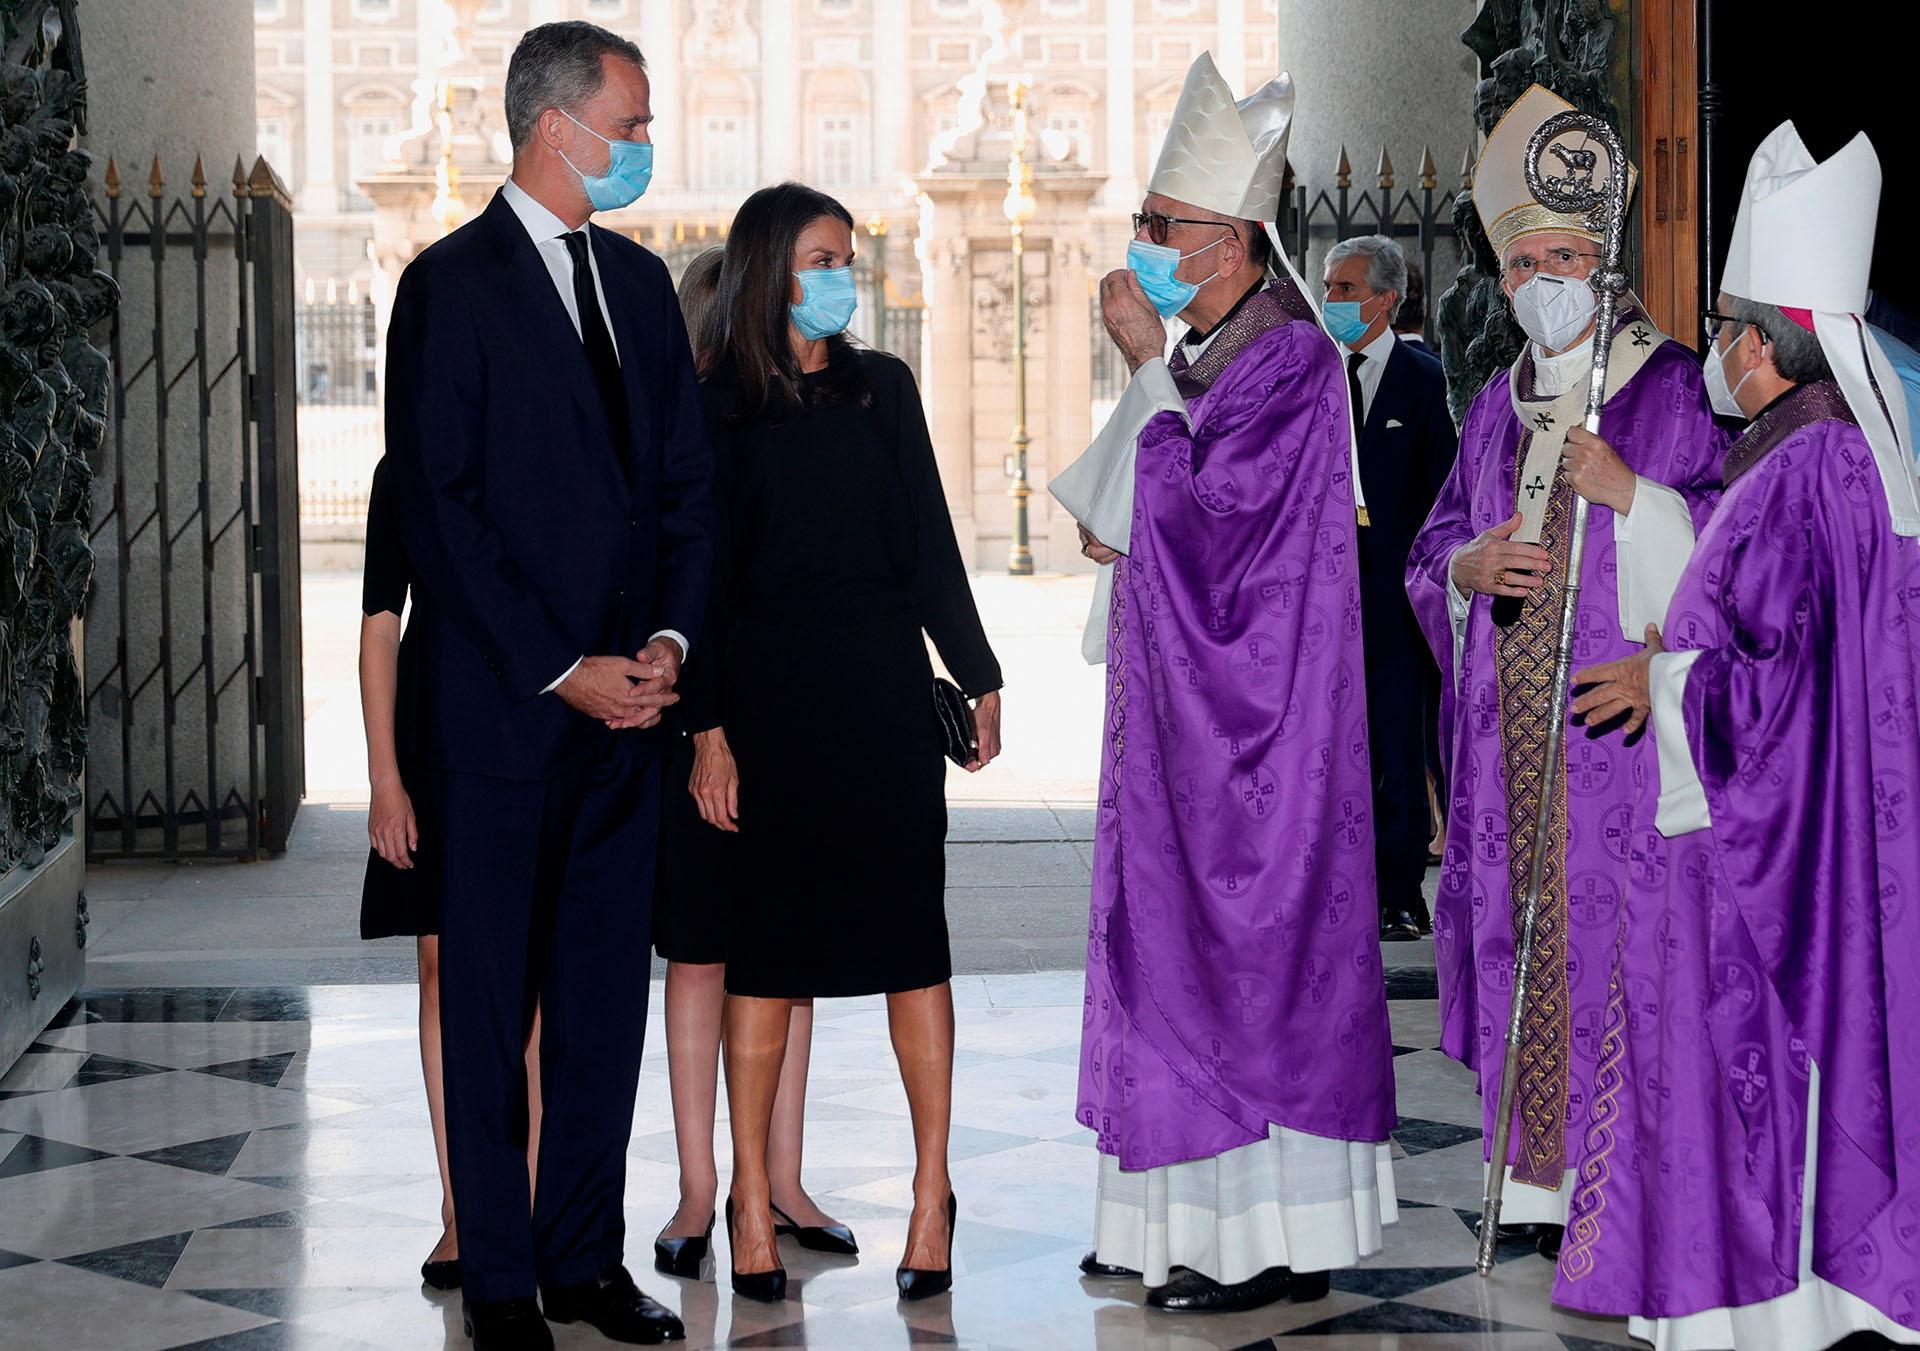 La Familia Real fue recibida por el cardenal Carlos Osoro, arzobispo de Madrid y por el cardenal Juan José Omella, presidente de la Conferencia Episcopal, entidad que organizó el homenaje